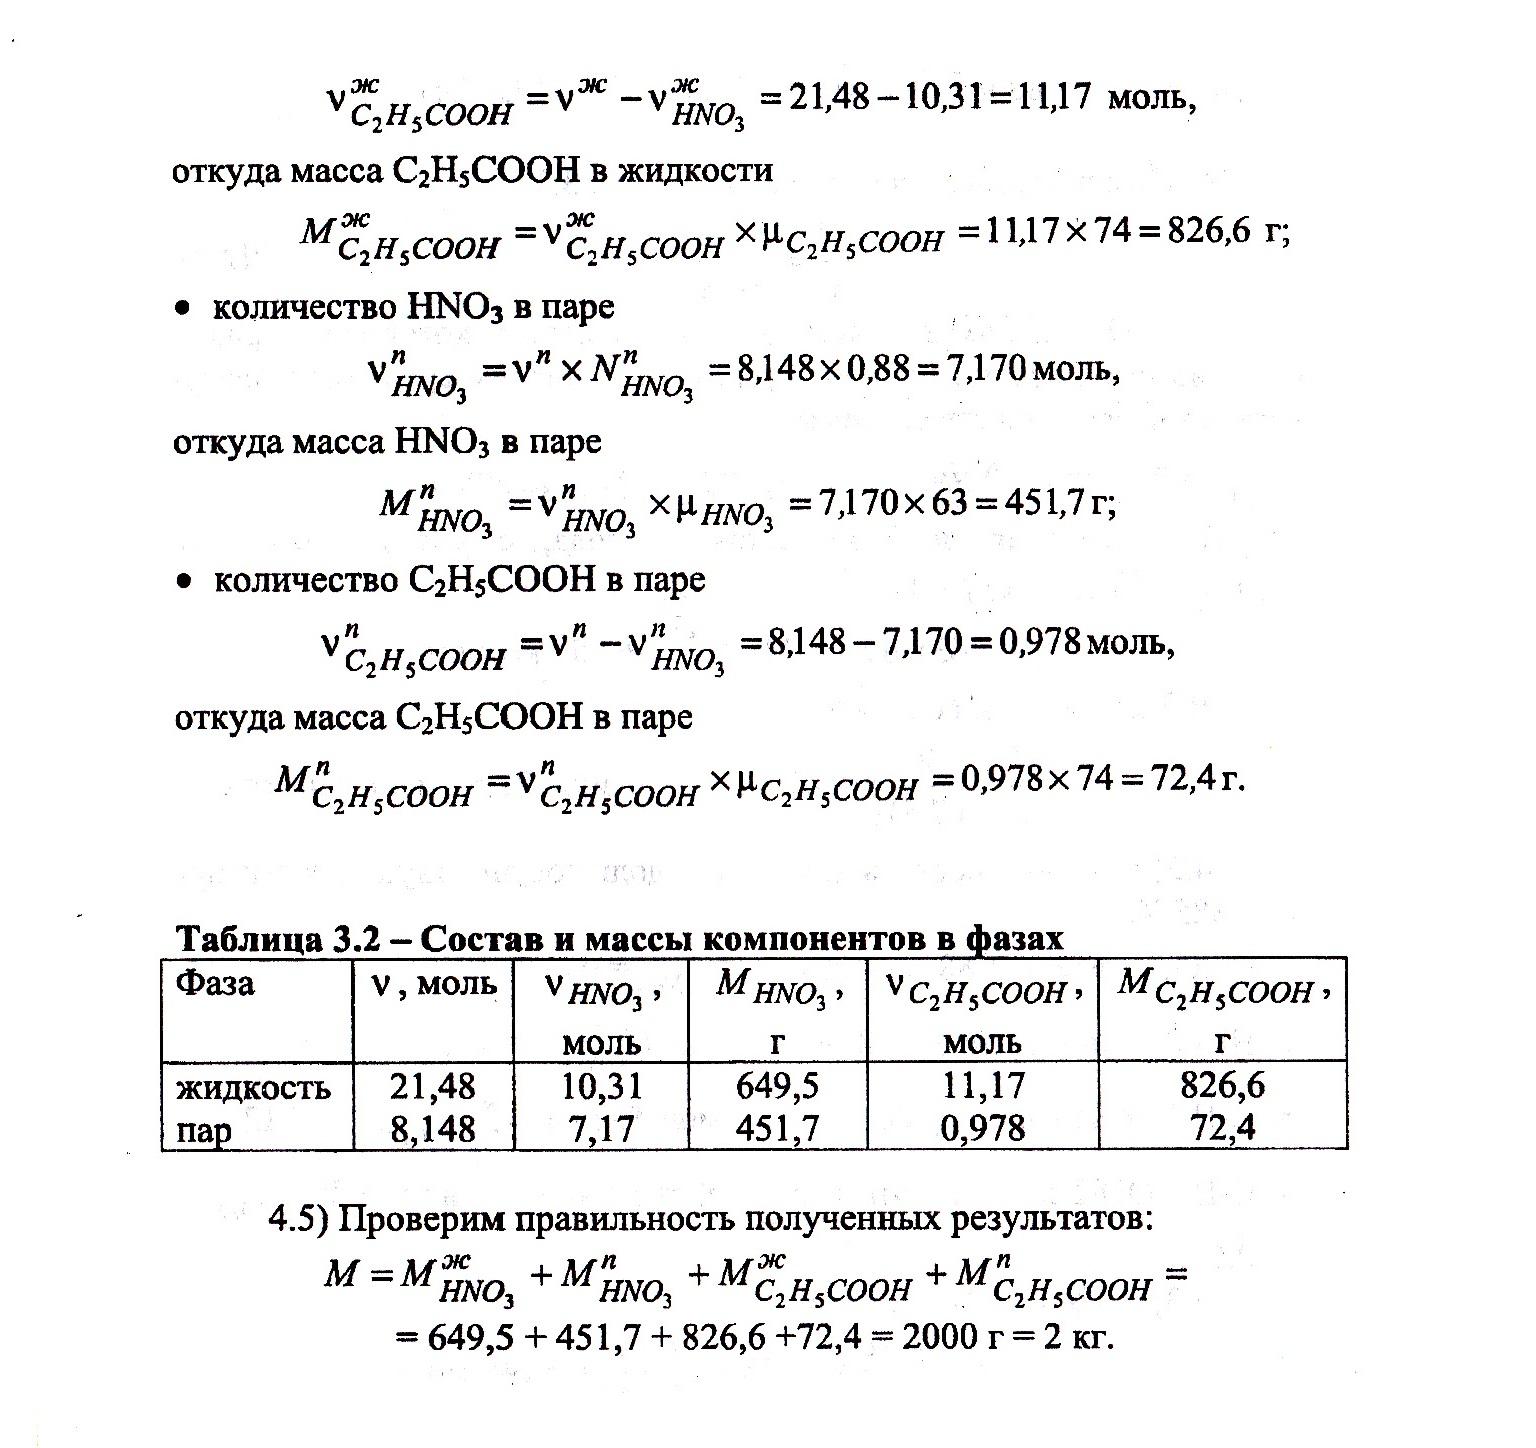 Решения задачи по физической химии статистика заработной платы задачи с решениями